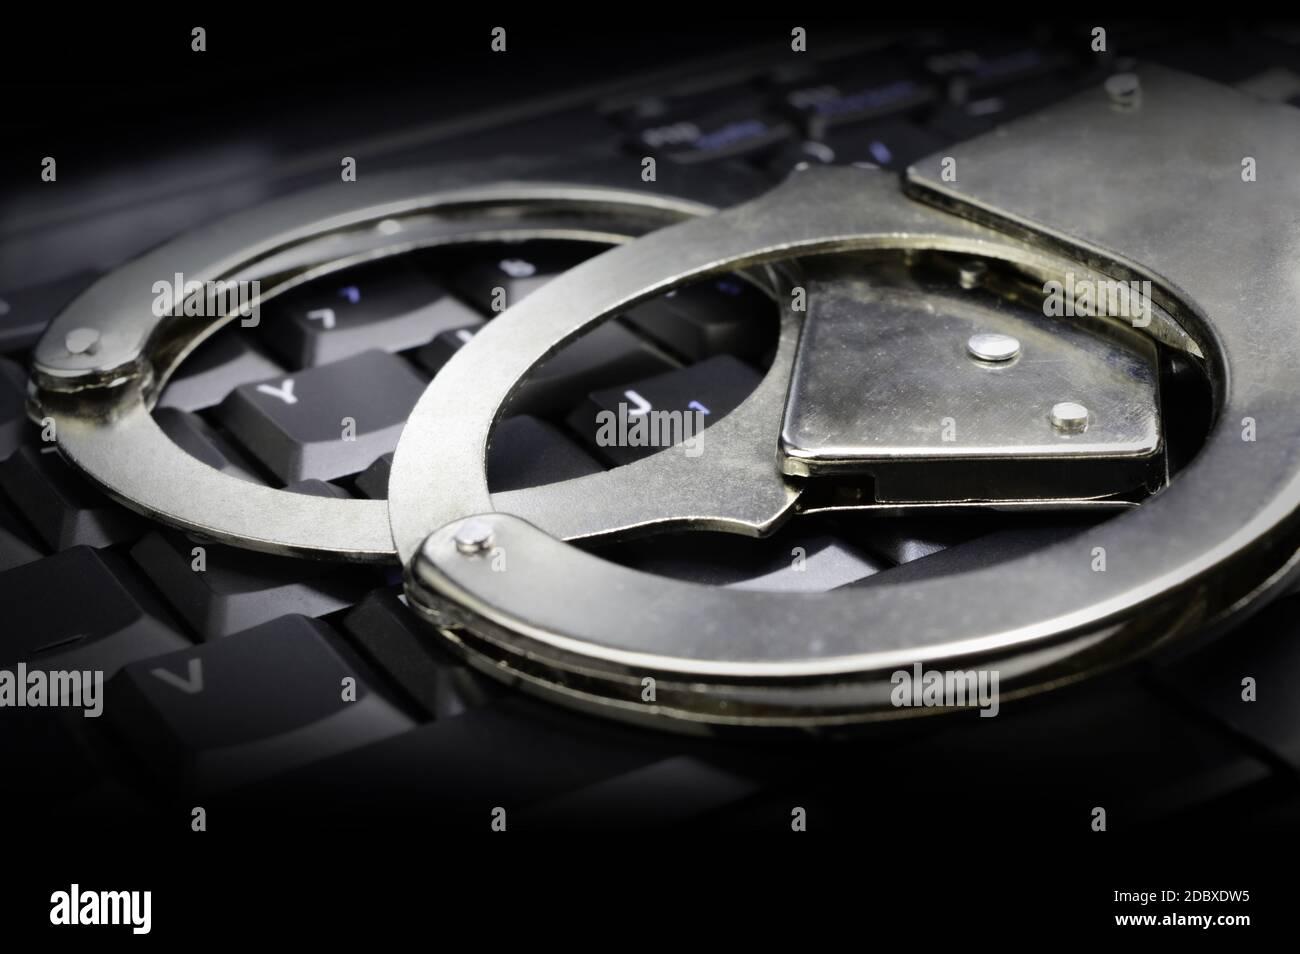 Una imagen conceptual con esposas de acero para la aplicación de la ley colocadas encima de un teclado oscuro para los sistemas legales en línea en orden. Foto de stock